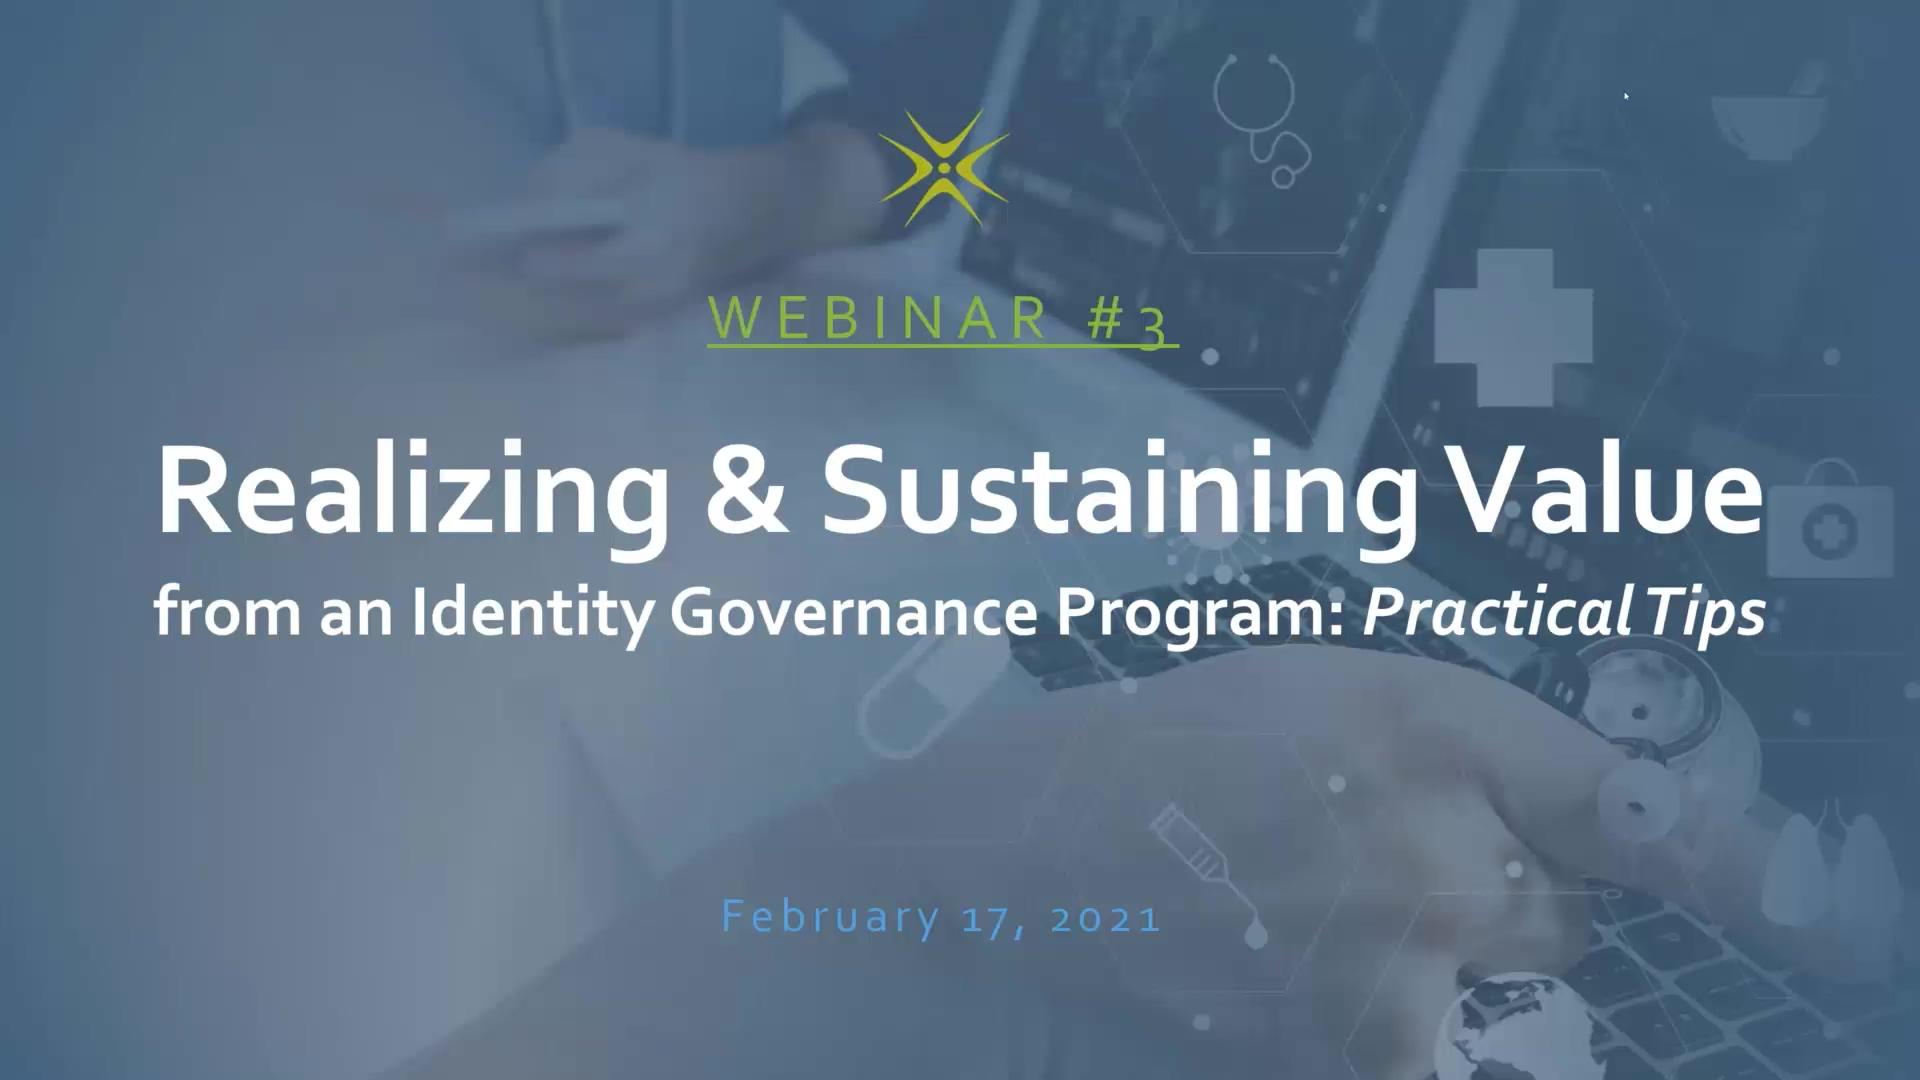 IGA Webinar 3 - Realizing & Sustaining Value from an Identity Governance Program